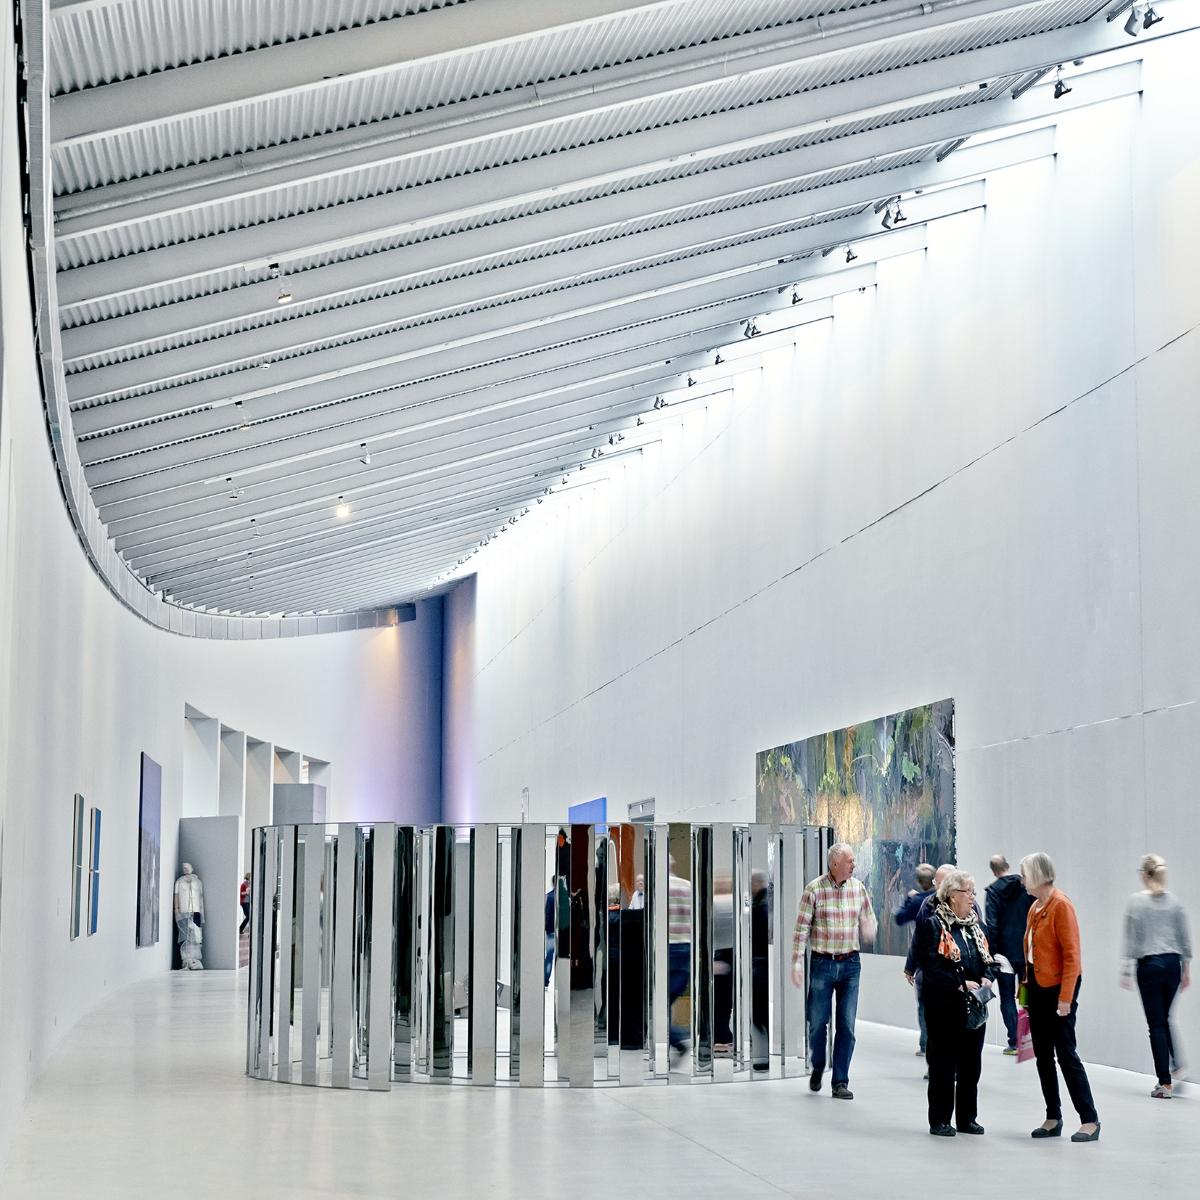 Arken_Museum für moderne Kunst_Kopenhagen_Foto von Hanne Fuglbjerg